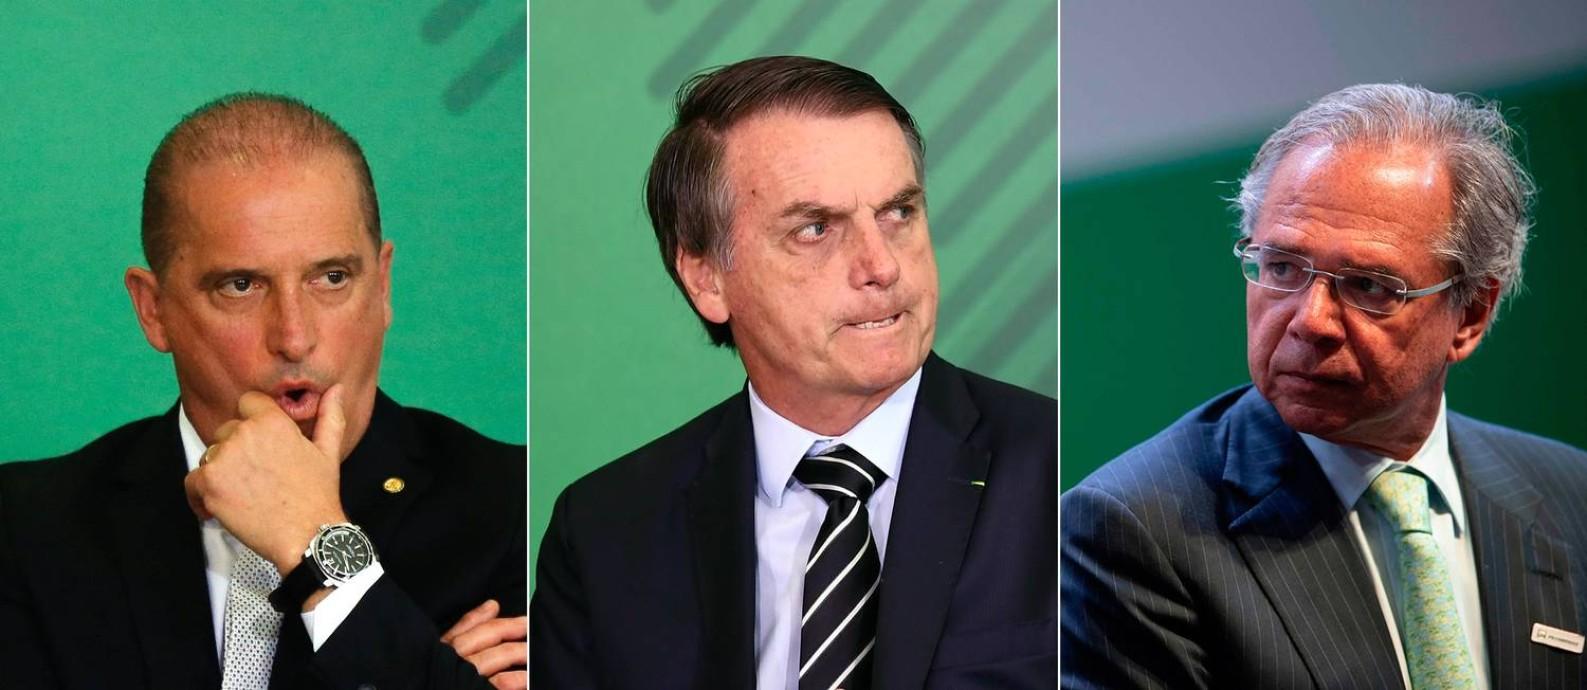 Onyx Lorenzoni (à esquerda), Jair Bolsonaro (ao centro) e Paulo Guedes (à direita) Foto: Editoria de Arte / Agência O Globo